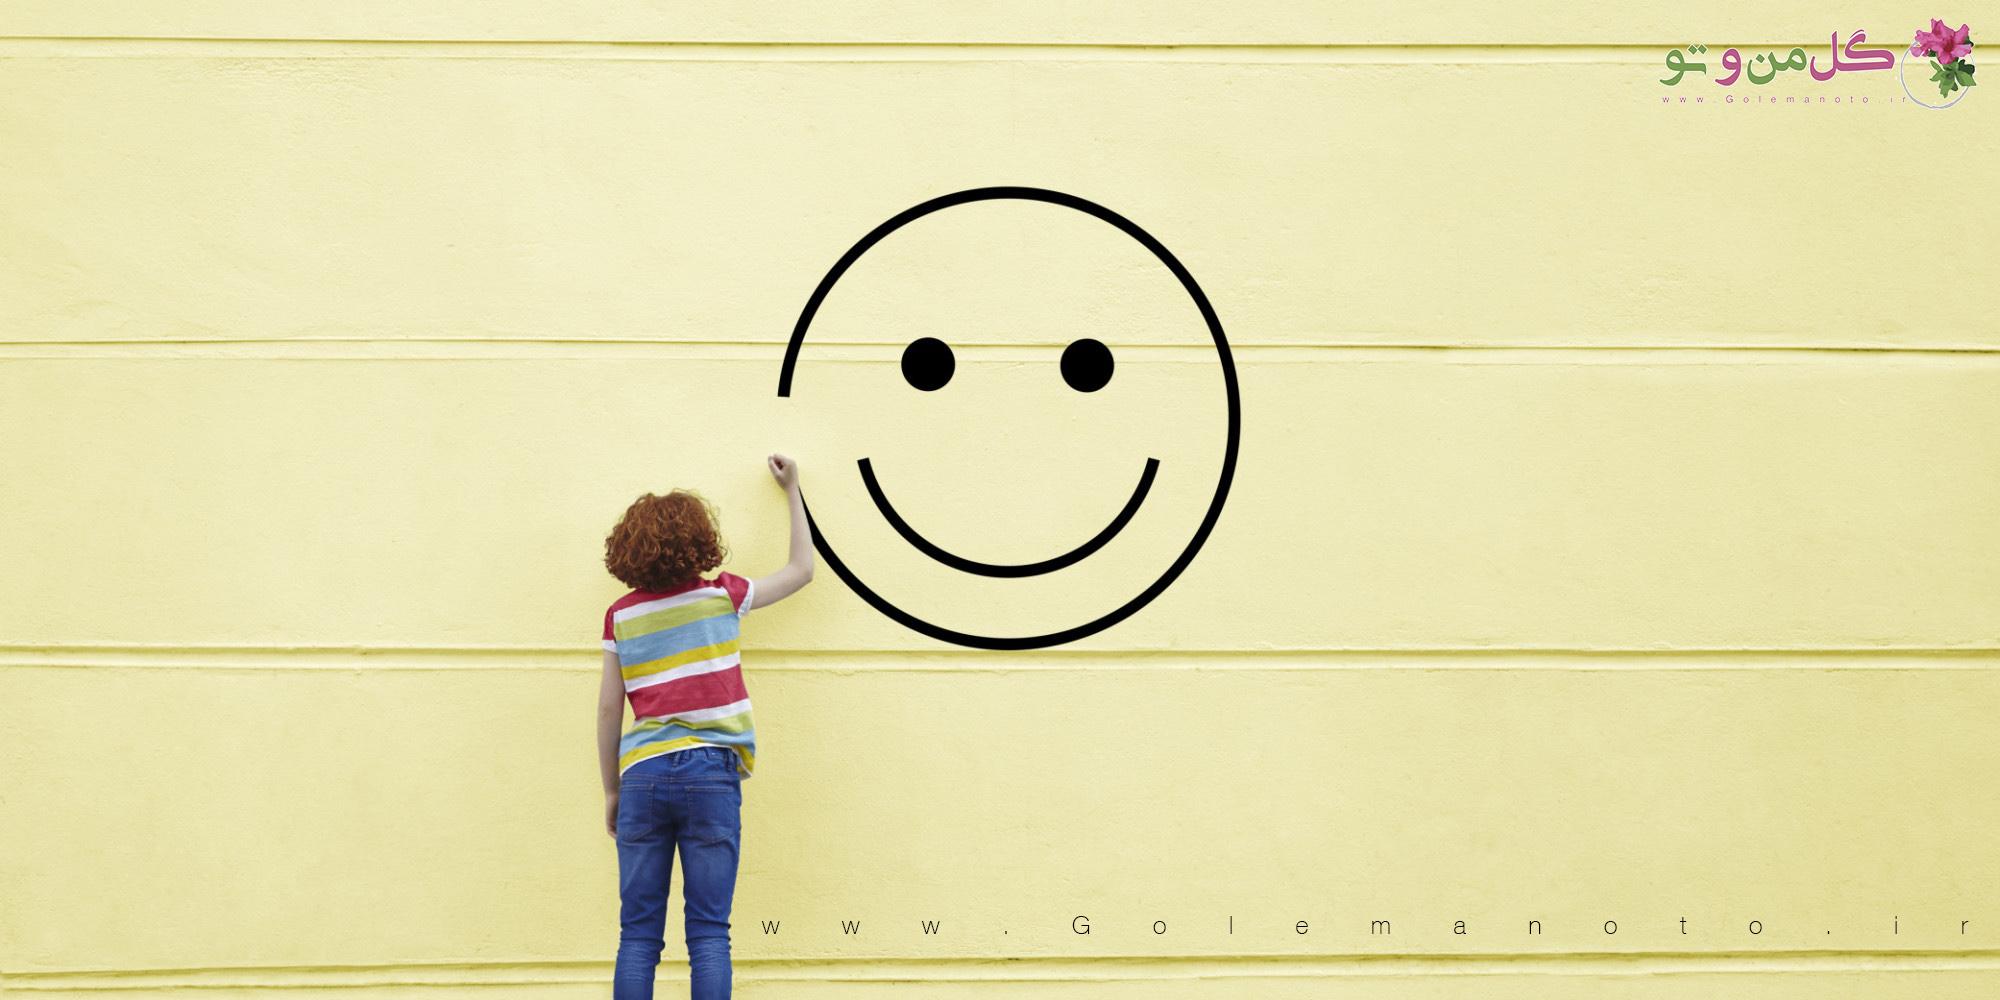 خوشبختی با تجربه های جدید